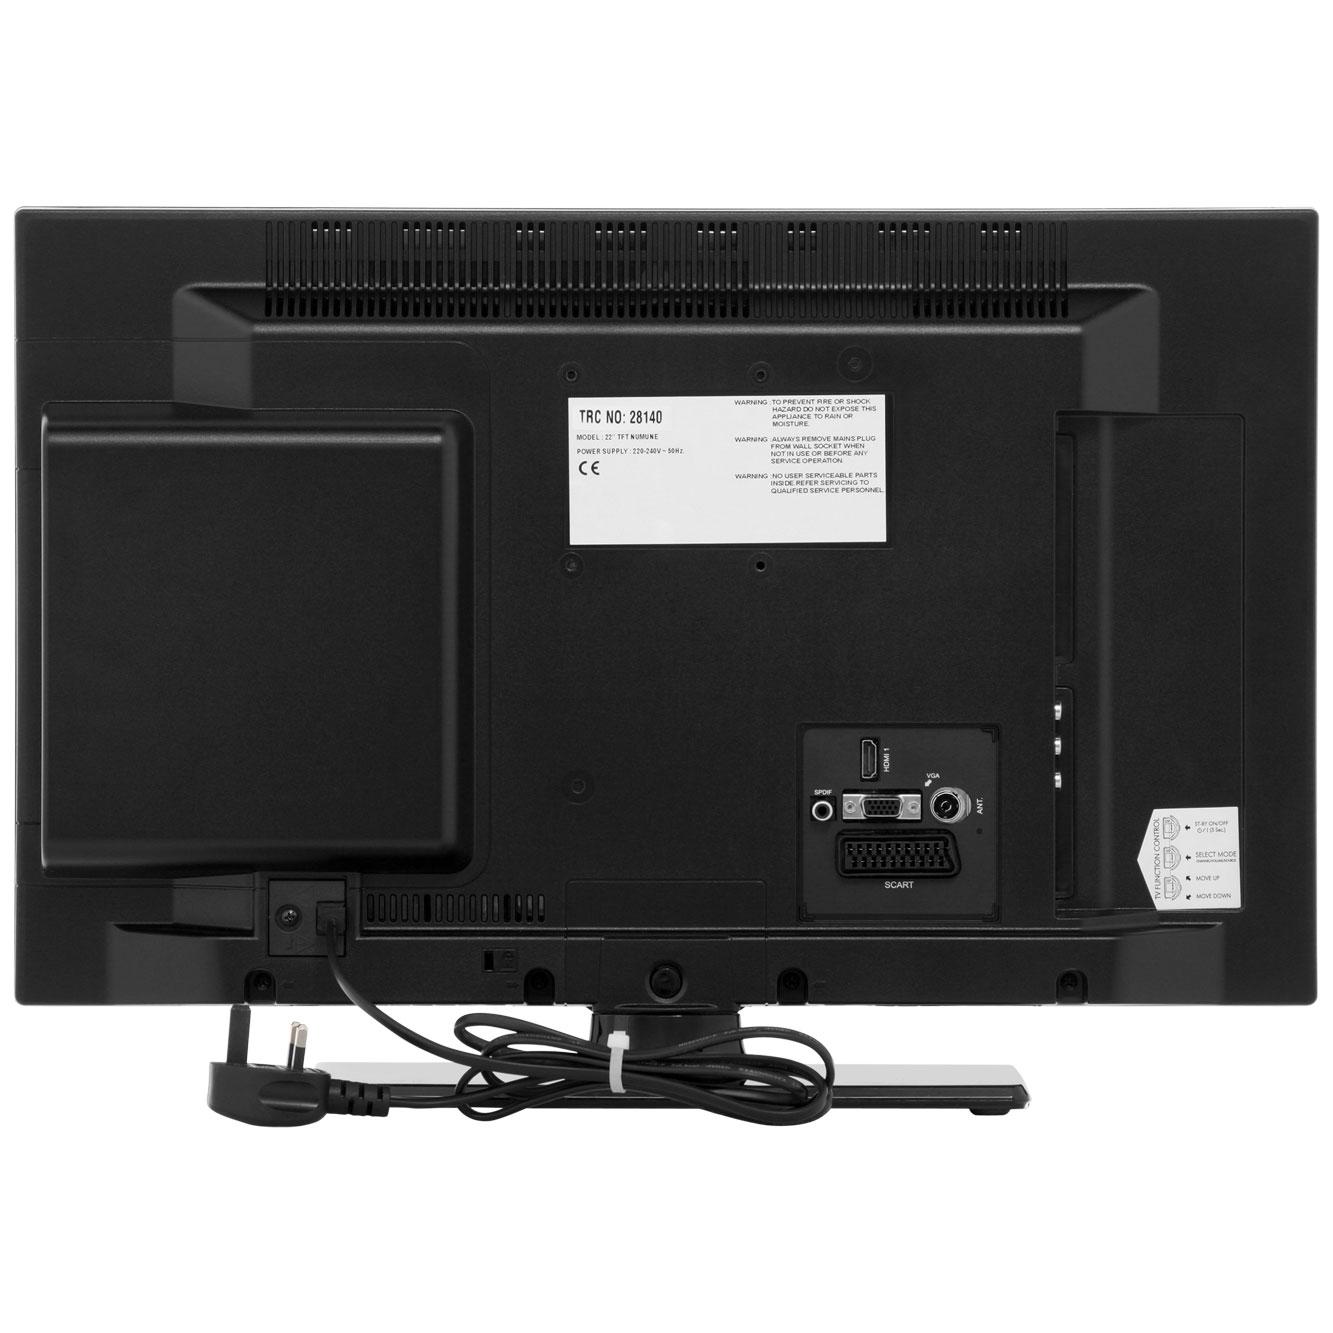 techwood tv user manual. Black Bedroom Furniture Sets. Home Design Ideas